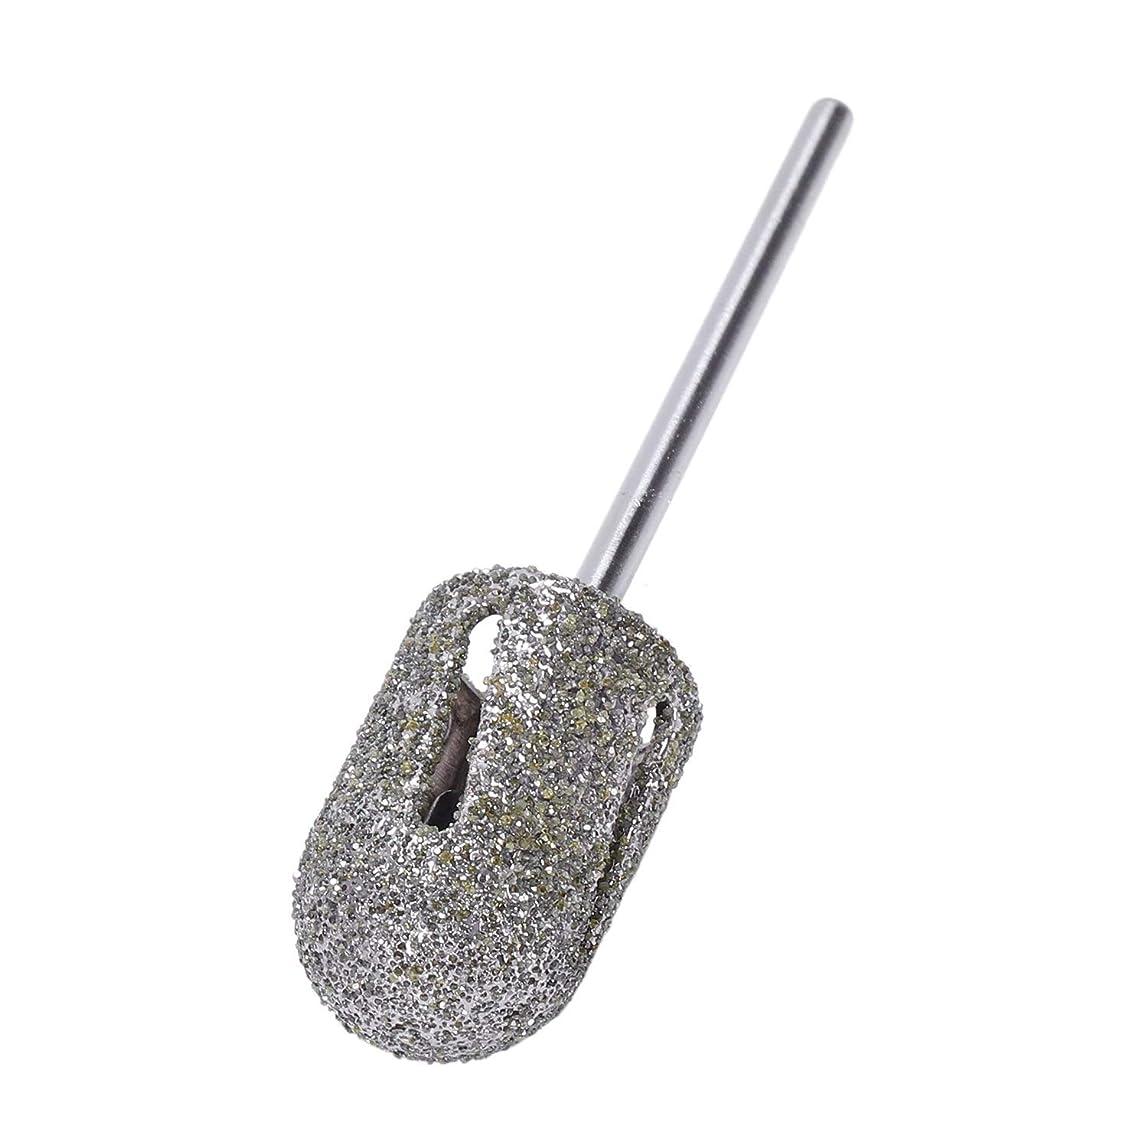 測定可能スタウト手綱TOOGOO ダイヤモンドドリルビットロータリー フットキューティクルクリーン マニキュアペディキュアツール ドリルアクセサリー ネイルミルズ-1